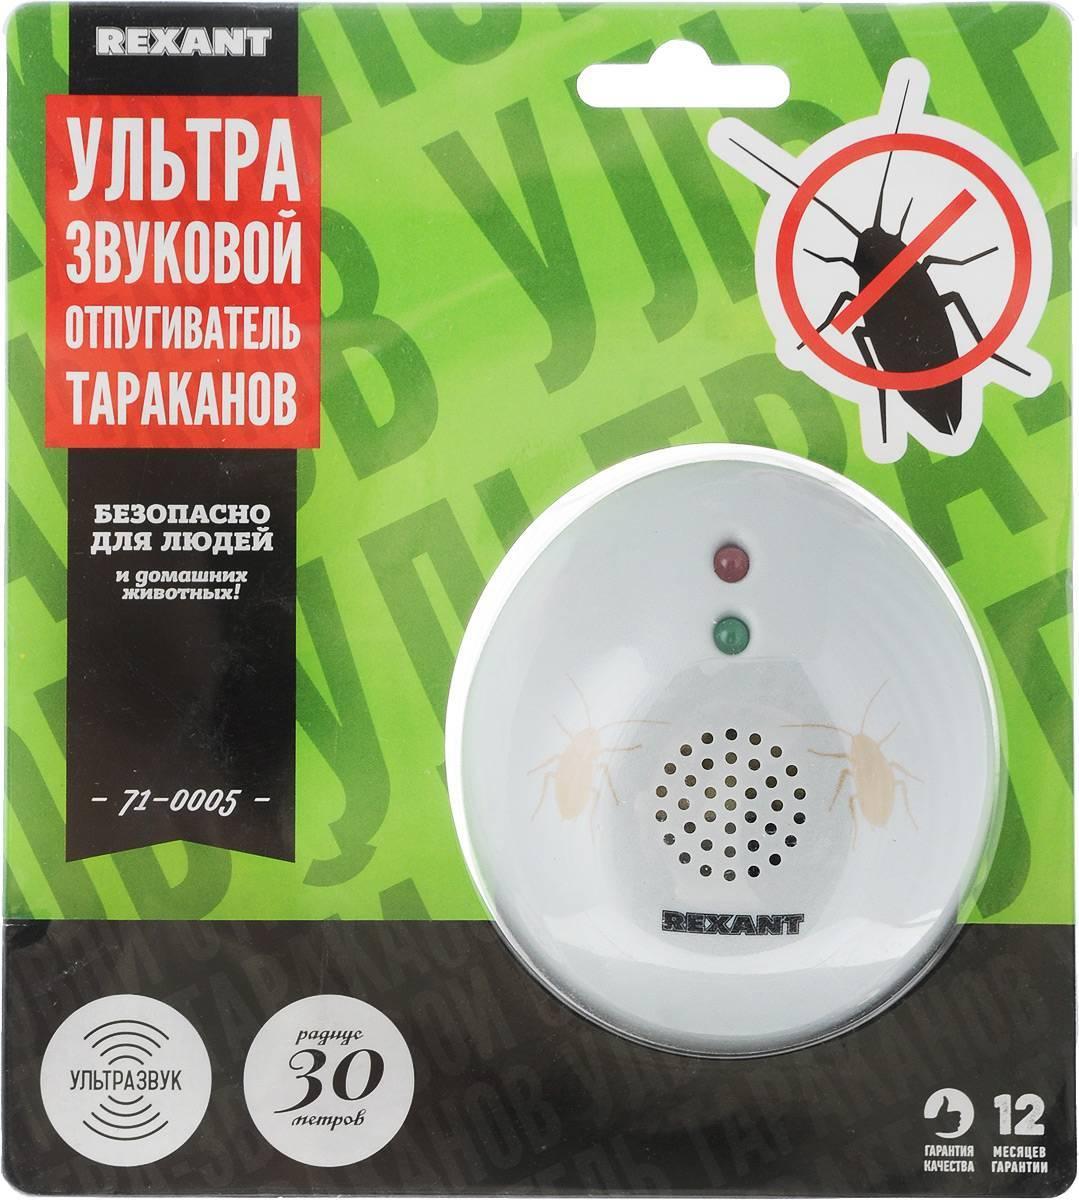 Отпугивать тараканов: пест репеллер, pet reject, отзывы, электрический, ультразвук, электромагнитный, рейтинг